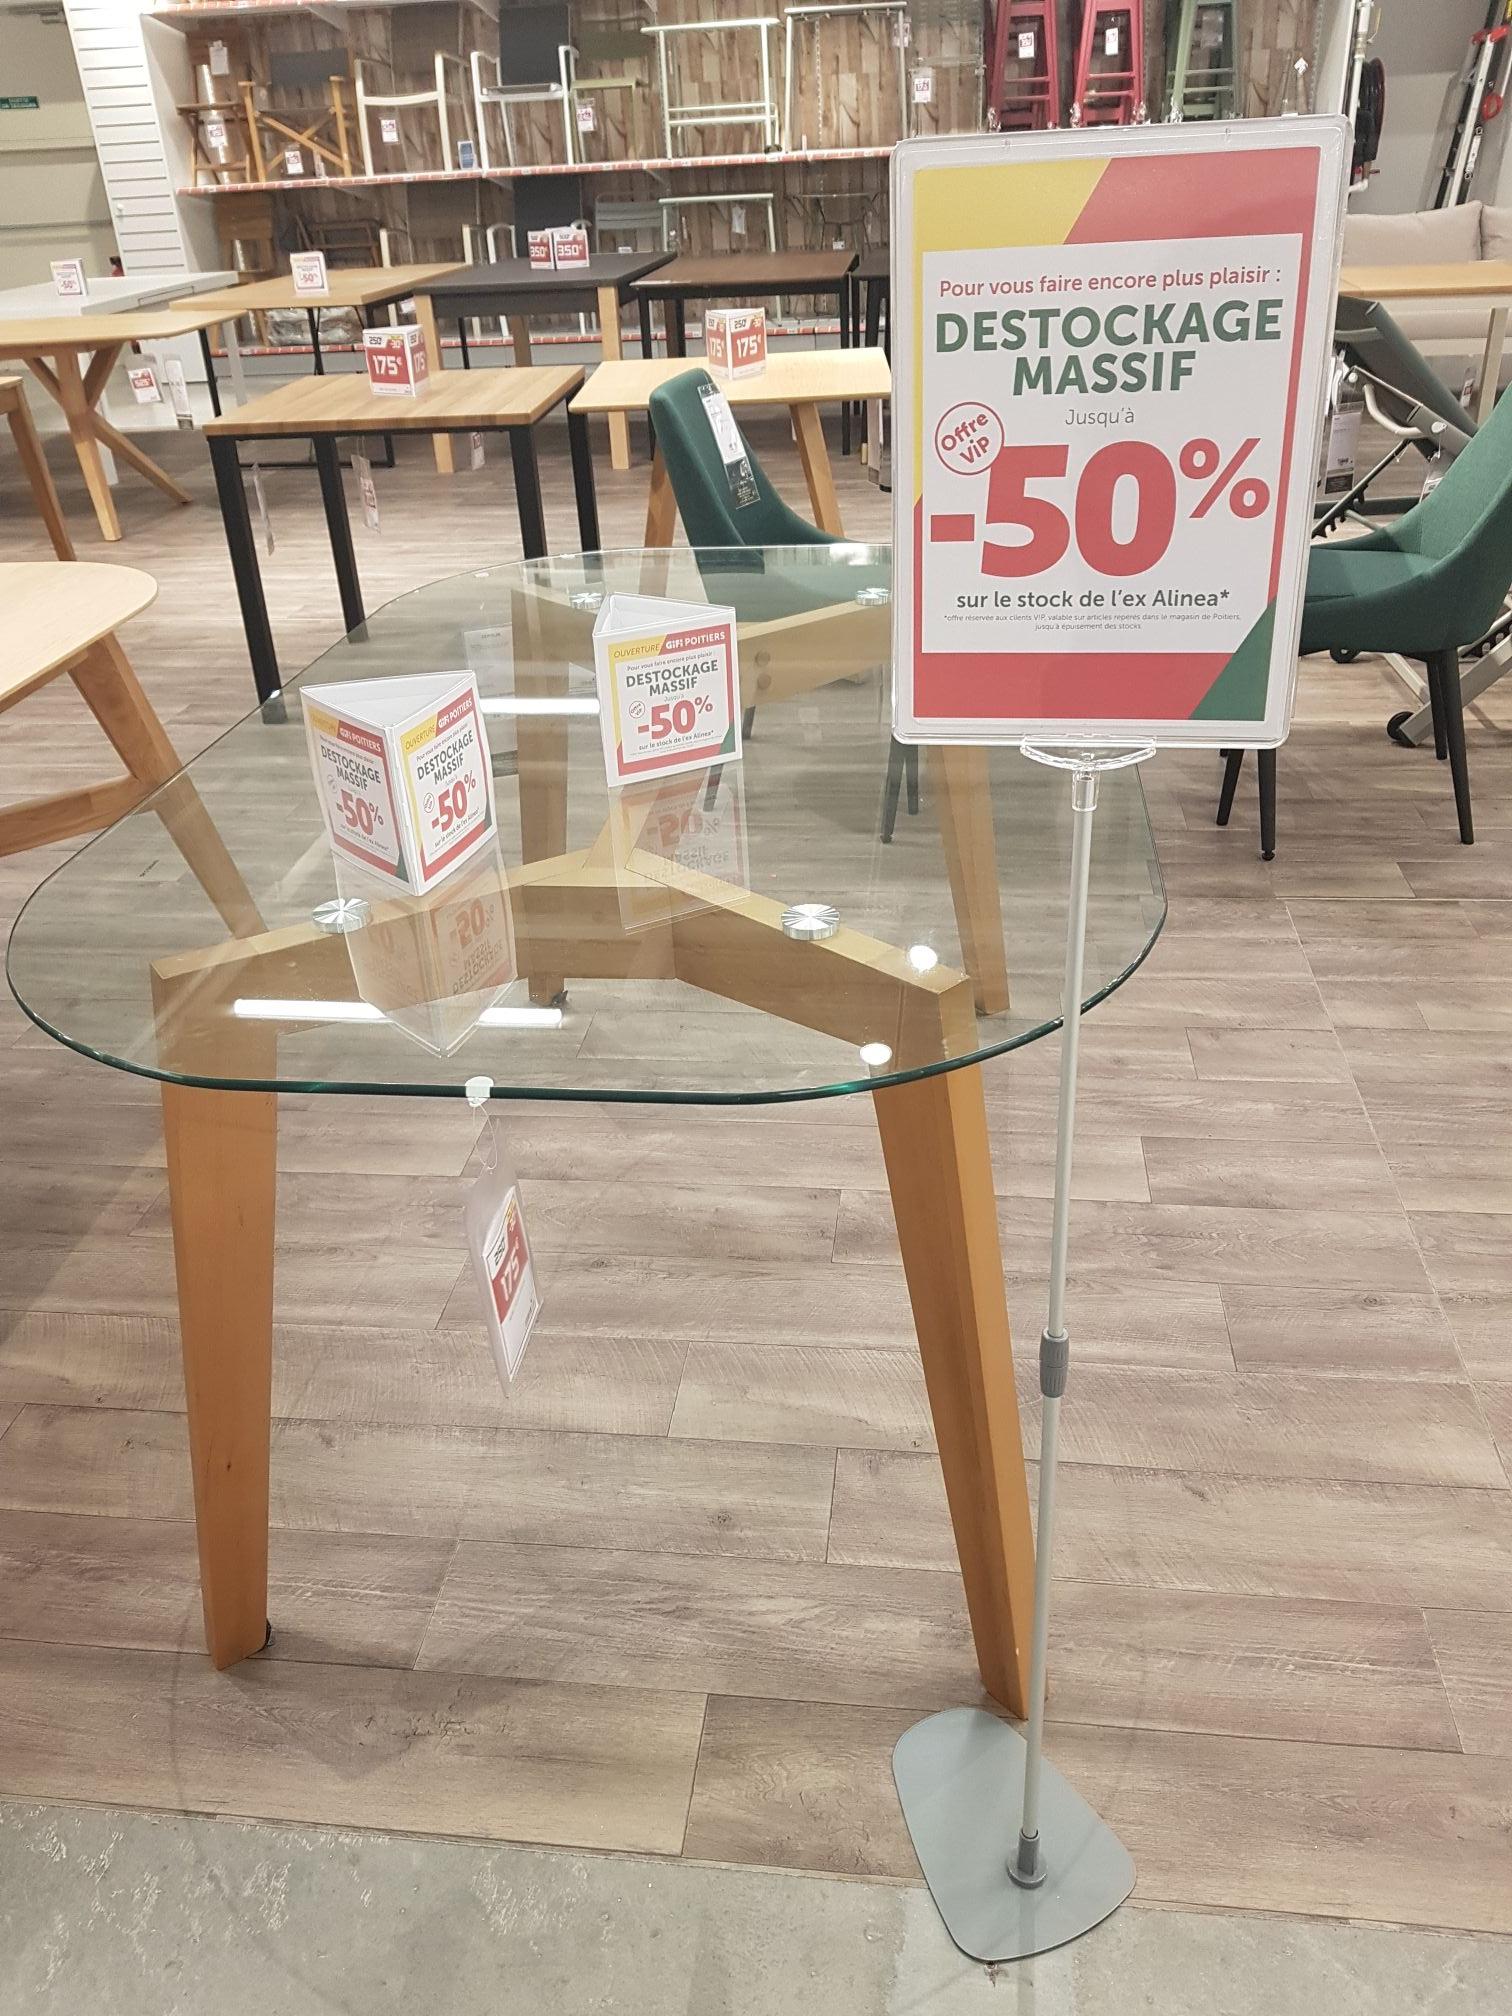 [Client VIP] Sélection de meubles Alinéa en promotion - Poitiers (86)